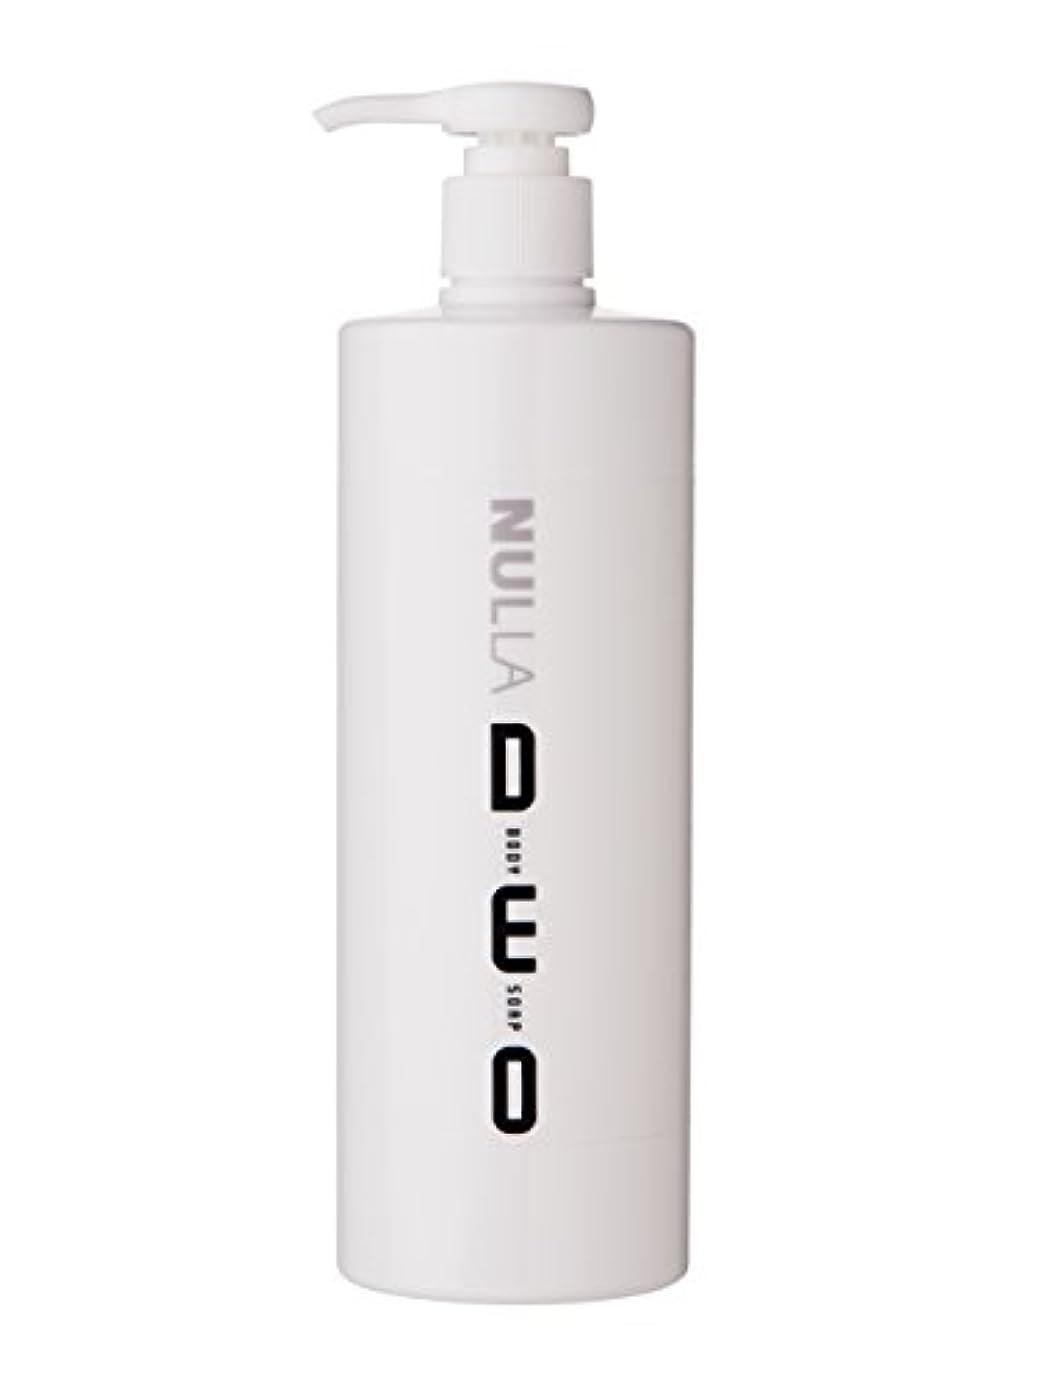 自慢カンガルー一致NULLA(ヌーラ) ヌーラデオ ボディソープ [ニオイ菌を抑制] 500ml 日本製 加齢臭 体臭 対策 シャボンの香り